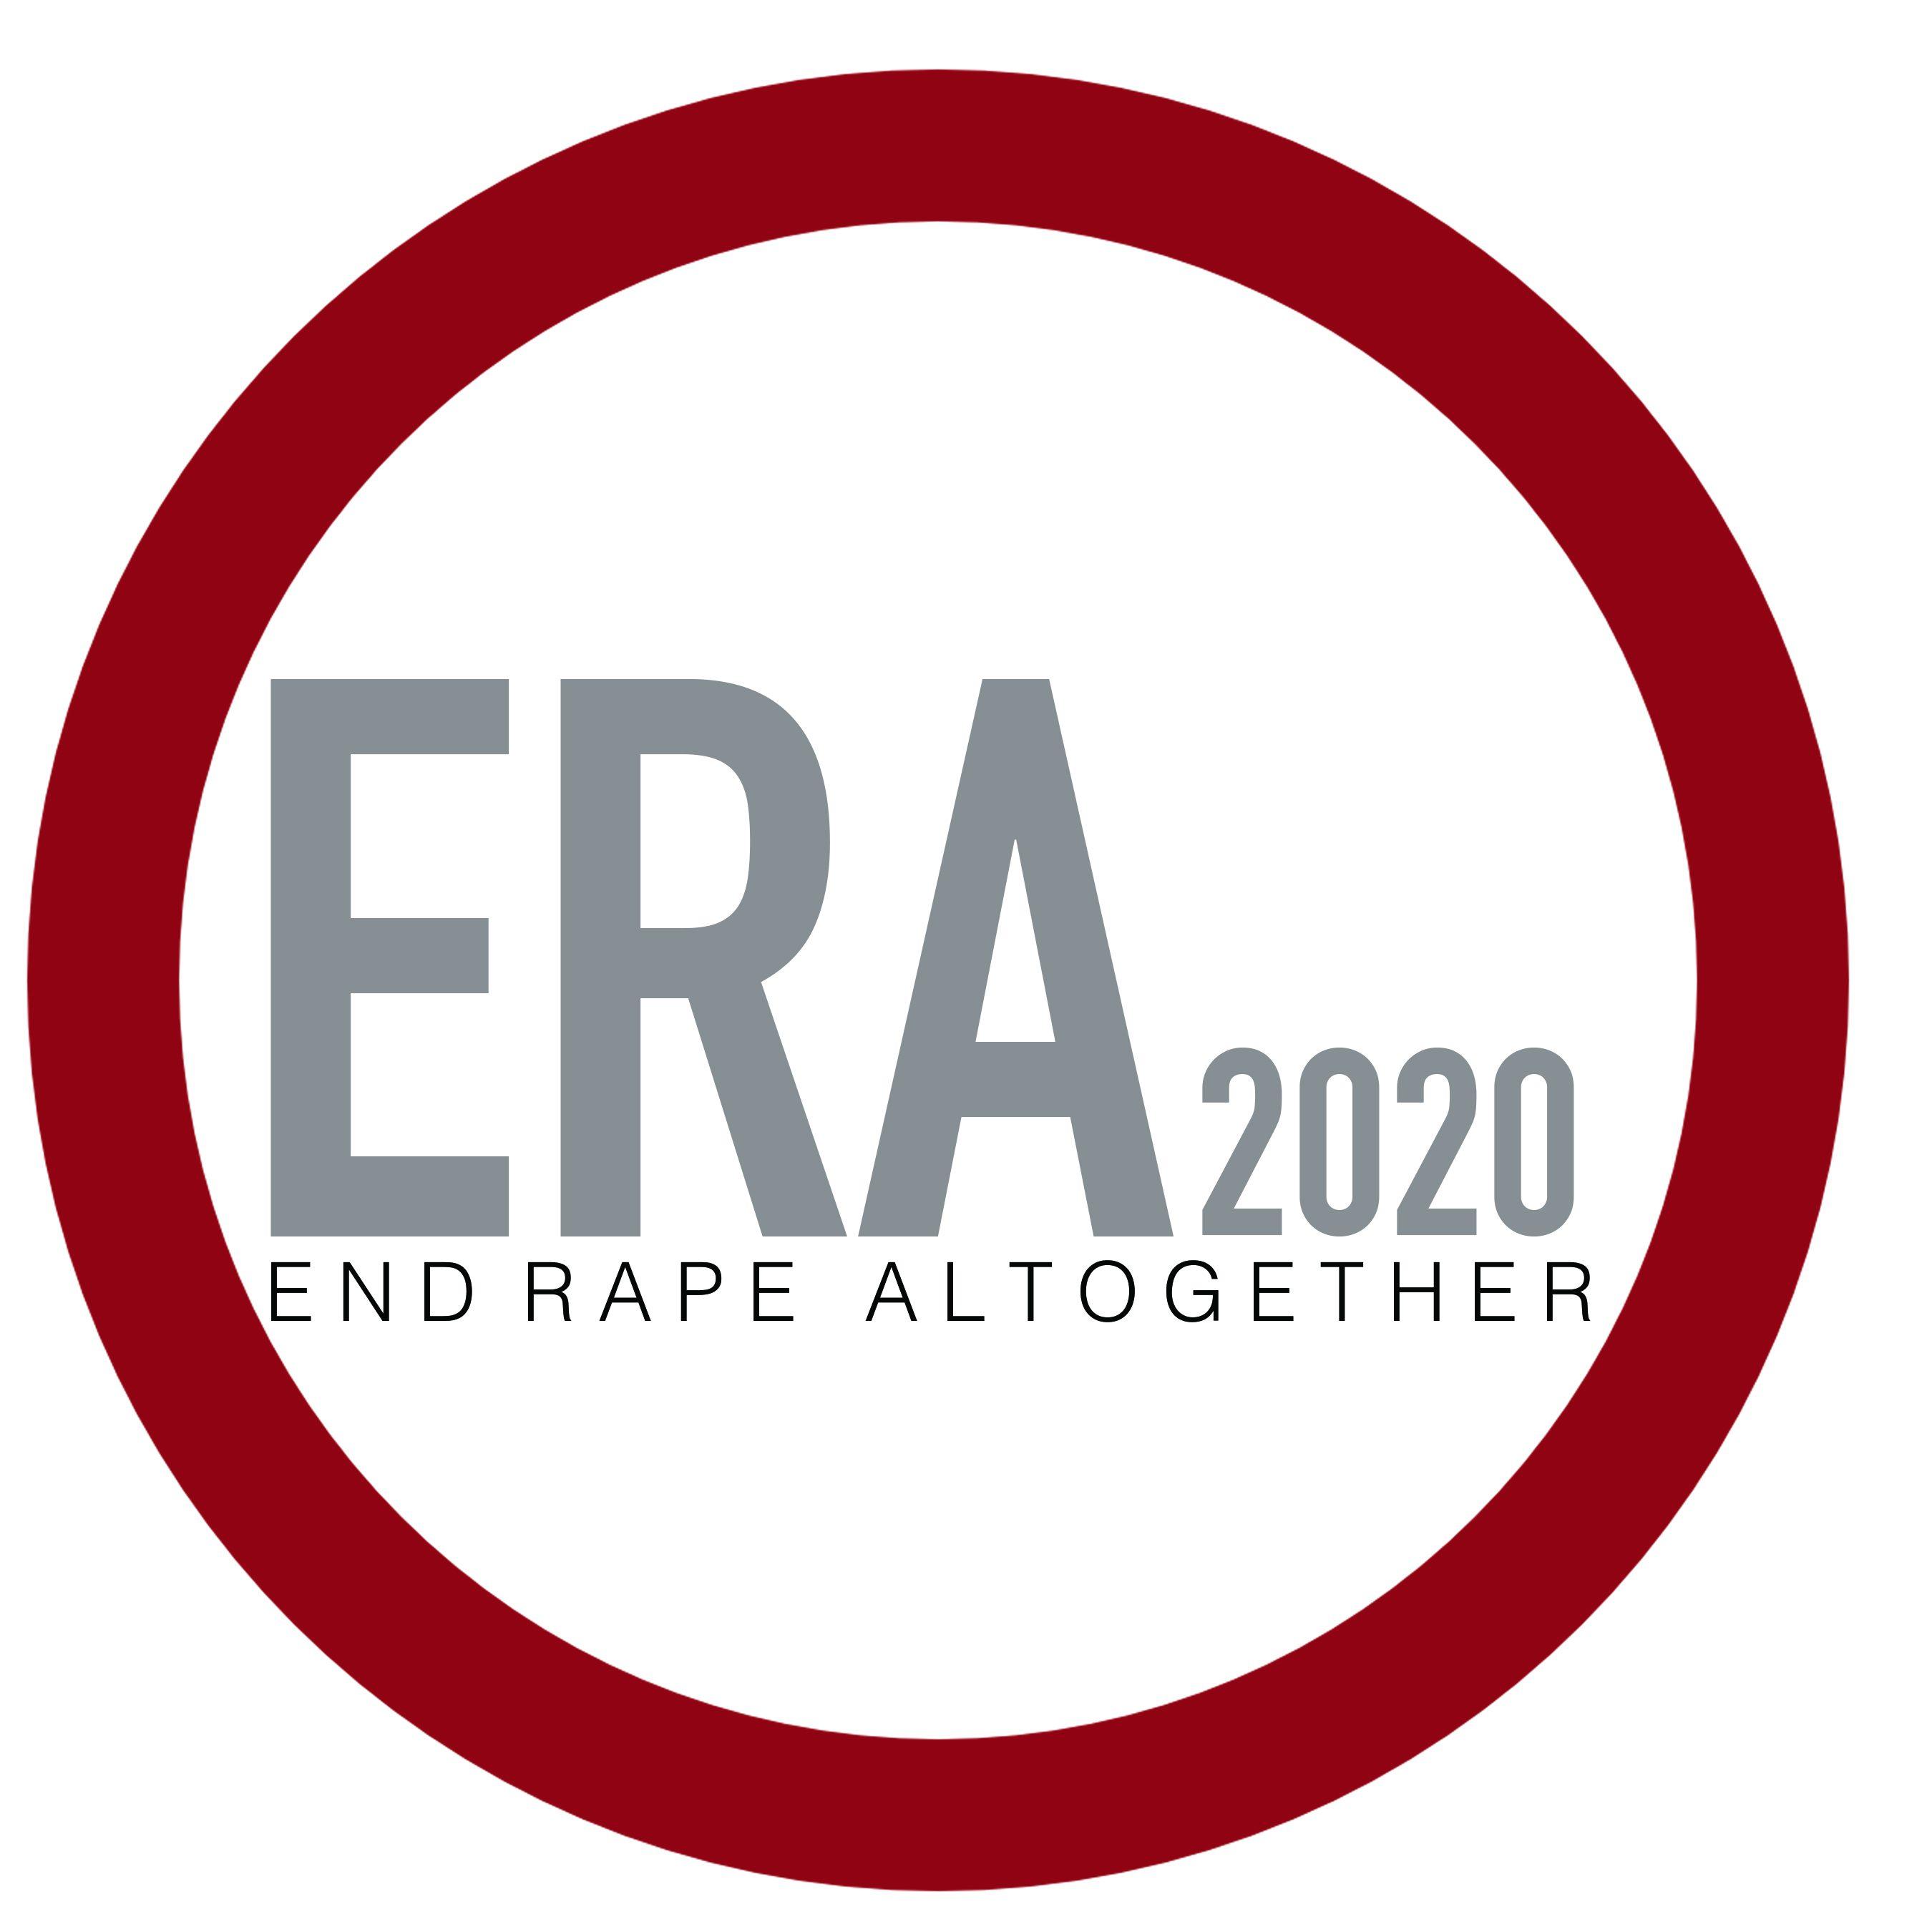 ERA 2020